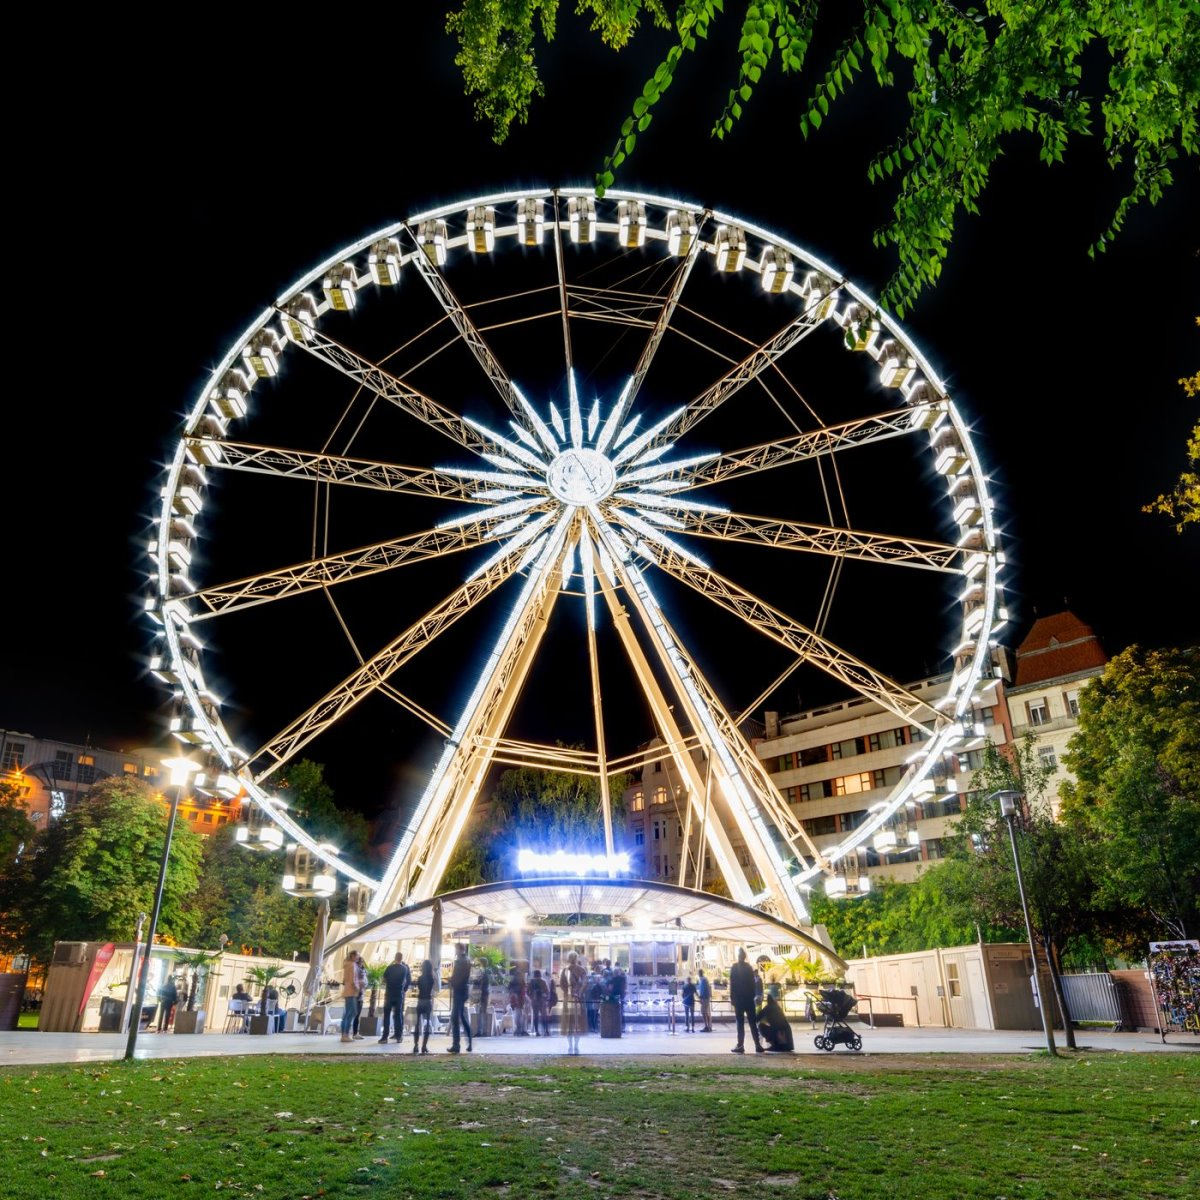 Κορονοϊός: Εστιατόριο με αστέρι Michelin σέρβιρε σε ρόδα λούνα παρκ για να τηρηθούν οι αποστάσεις!